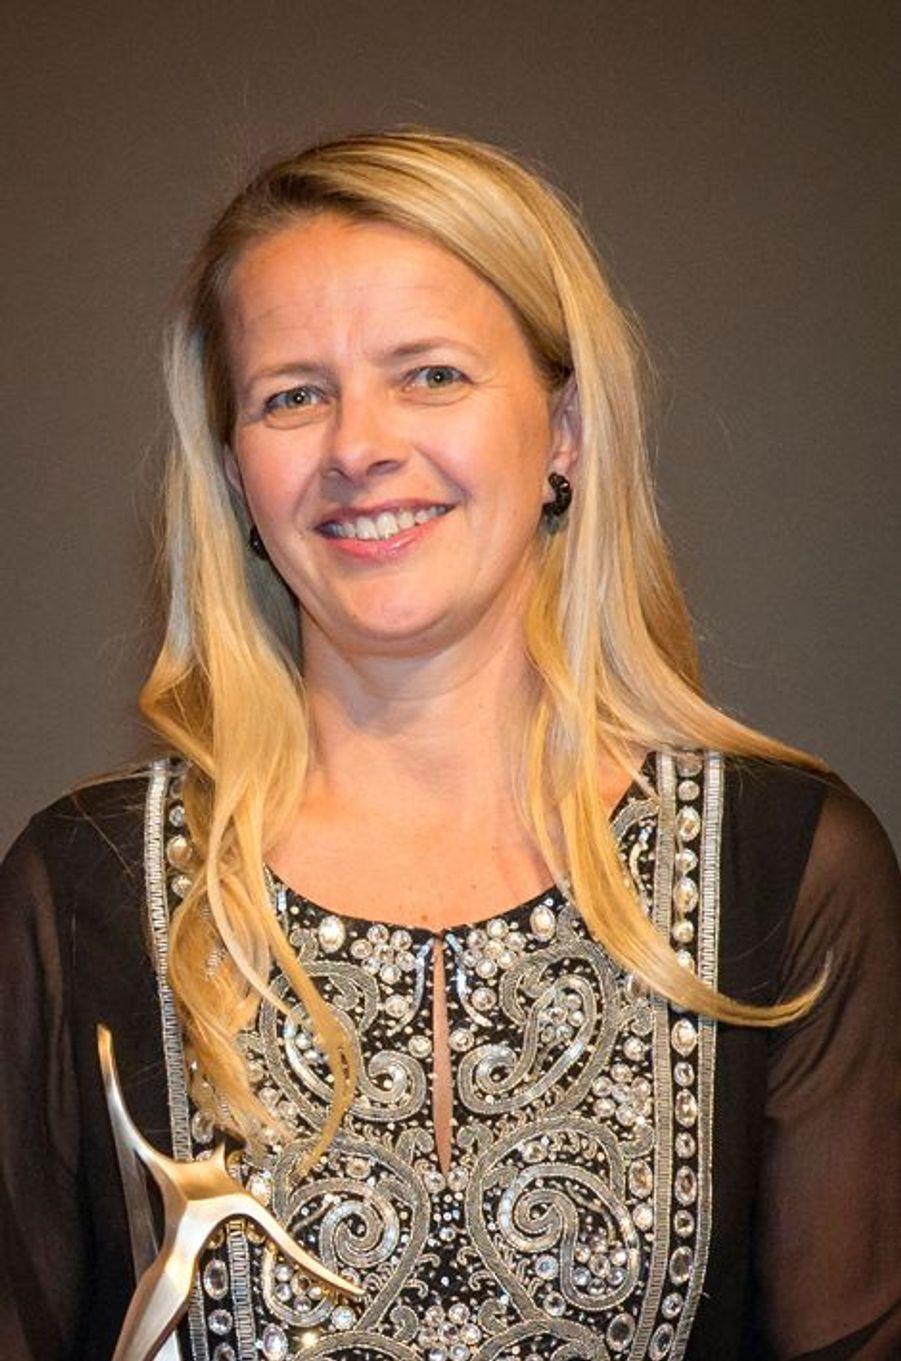 La princesse Mabel des Pays-Bas à Londres, le 12 mars 2015